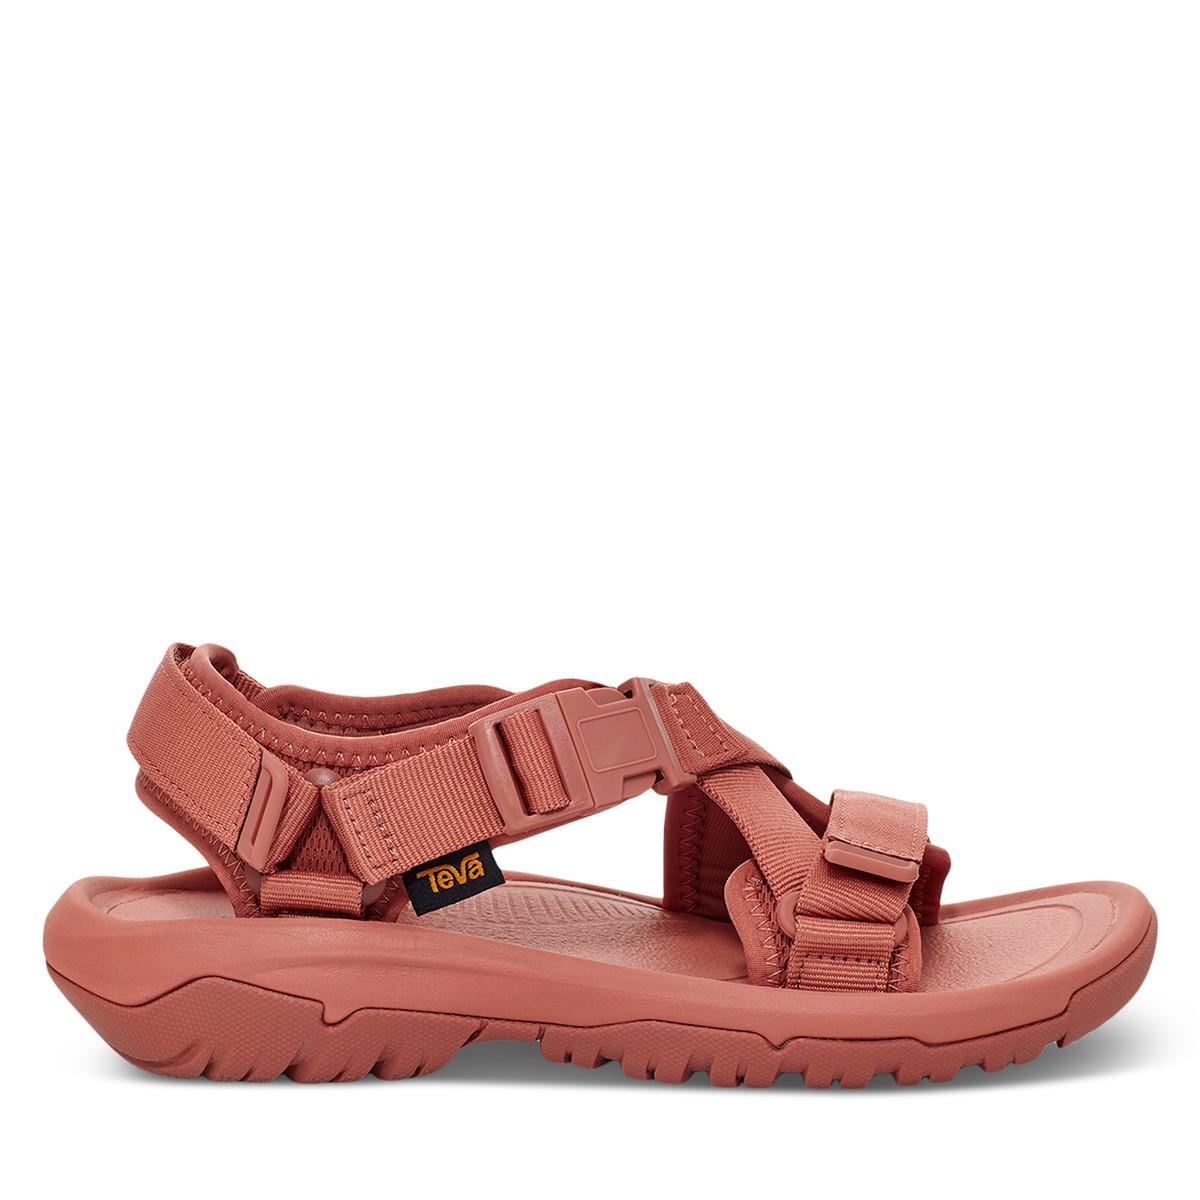 Women's Hurricane Verge Strap Sandals in Pink